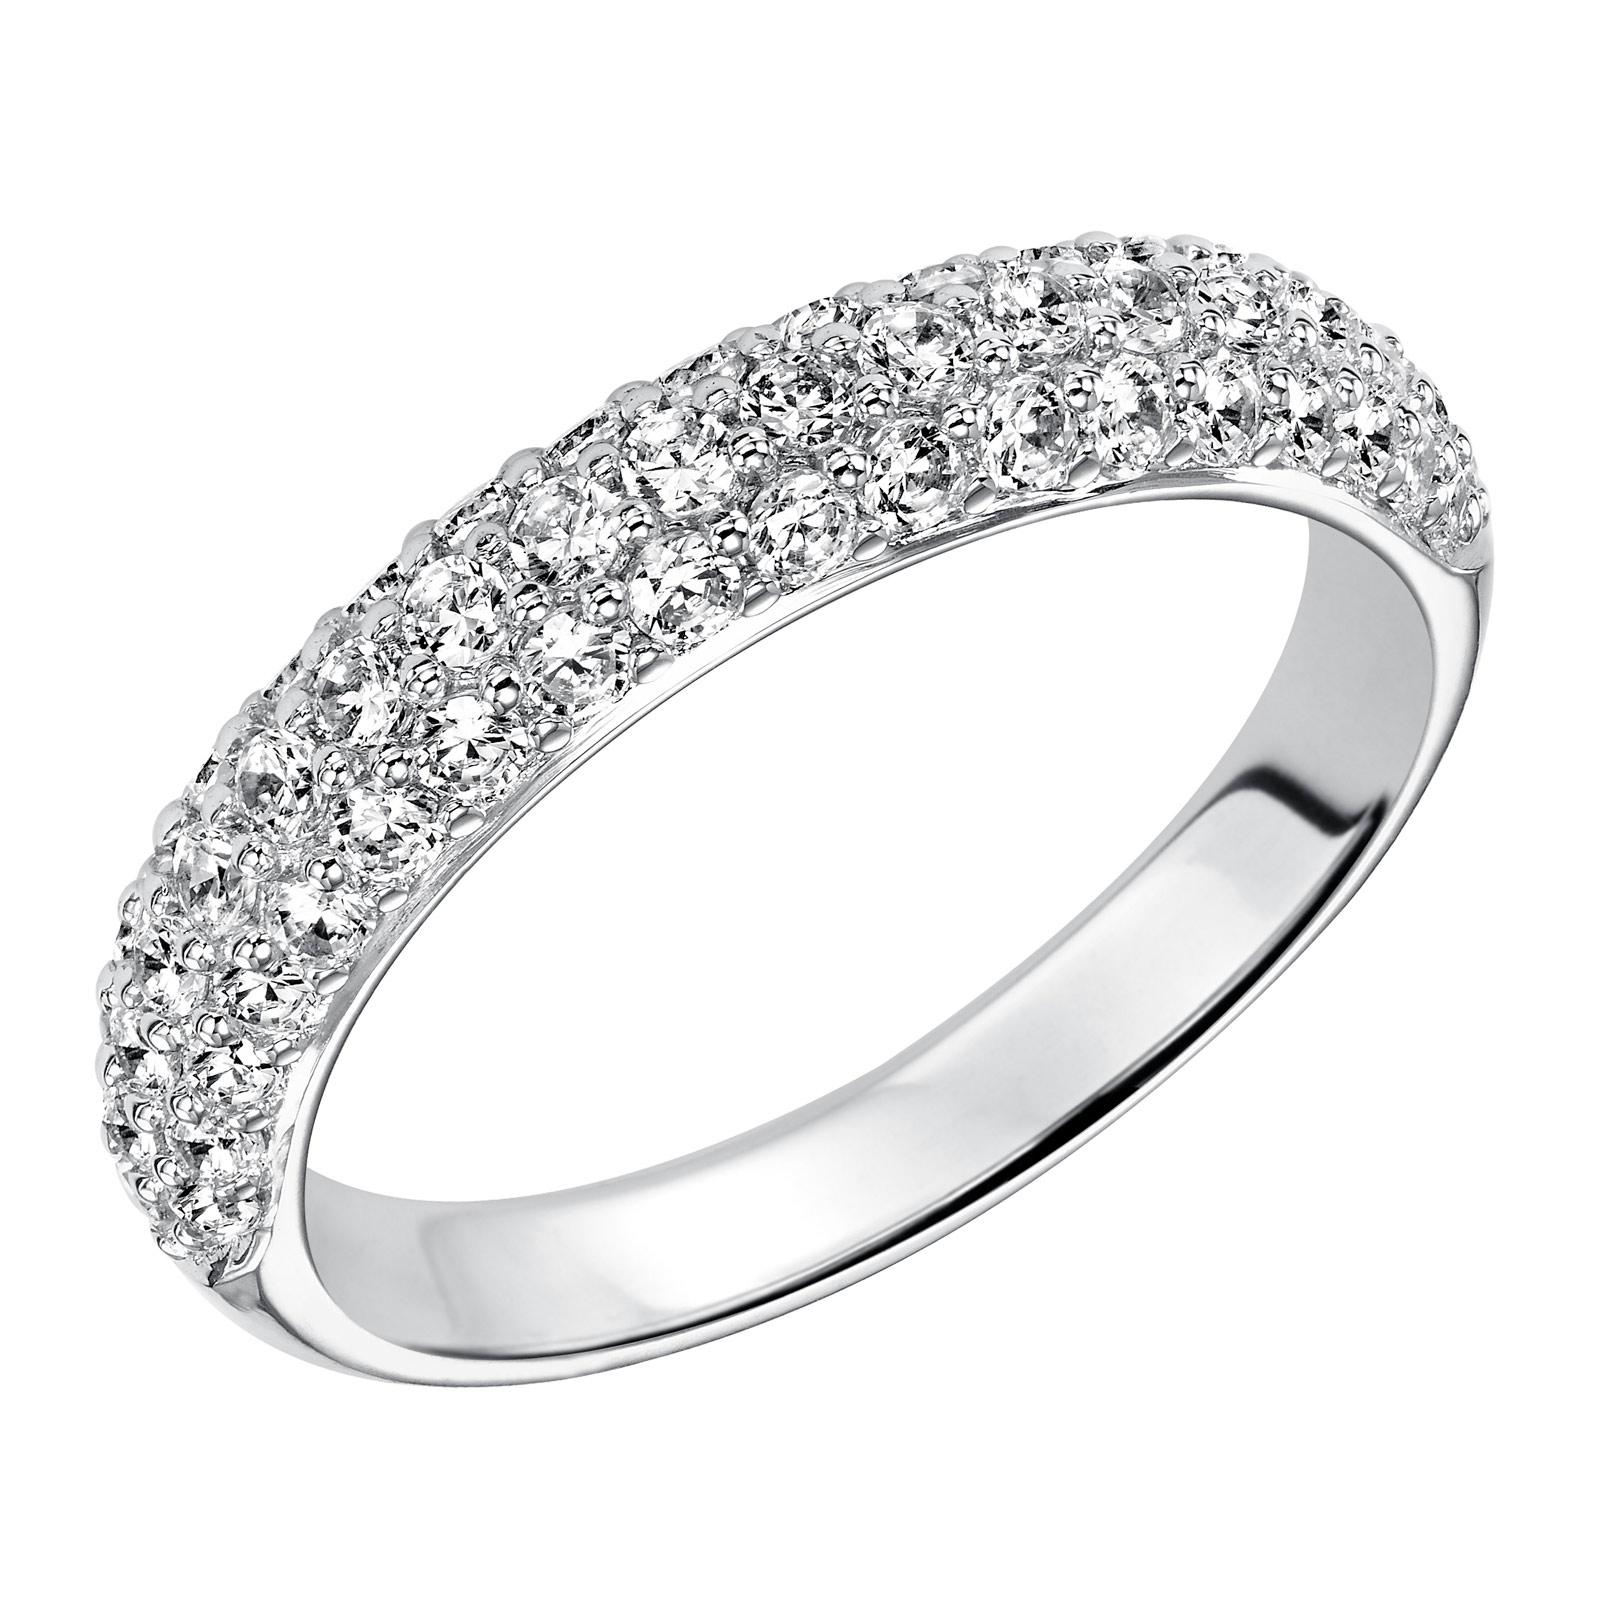 Goldman ring 33 9101w l00 long island ny goldman for Long island wedding bands